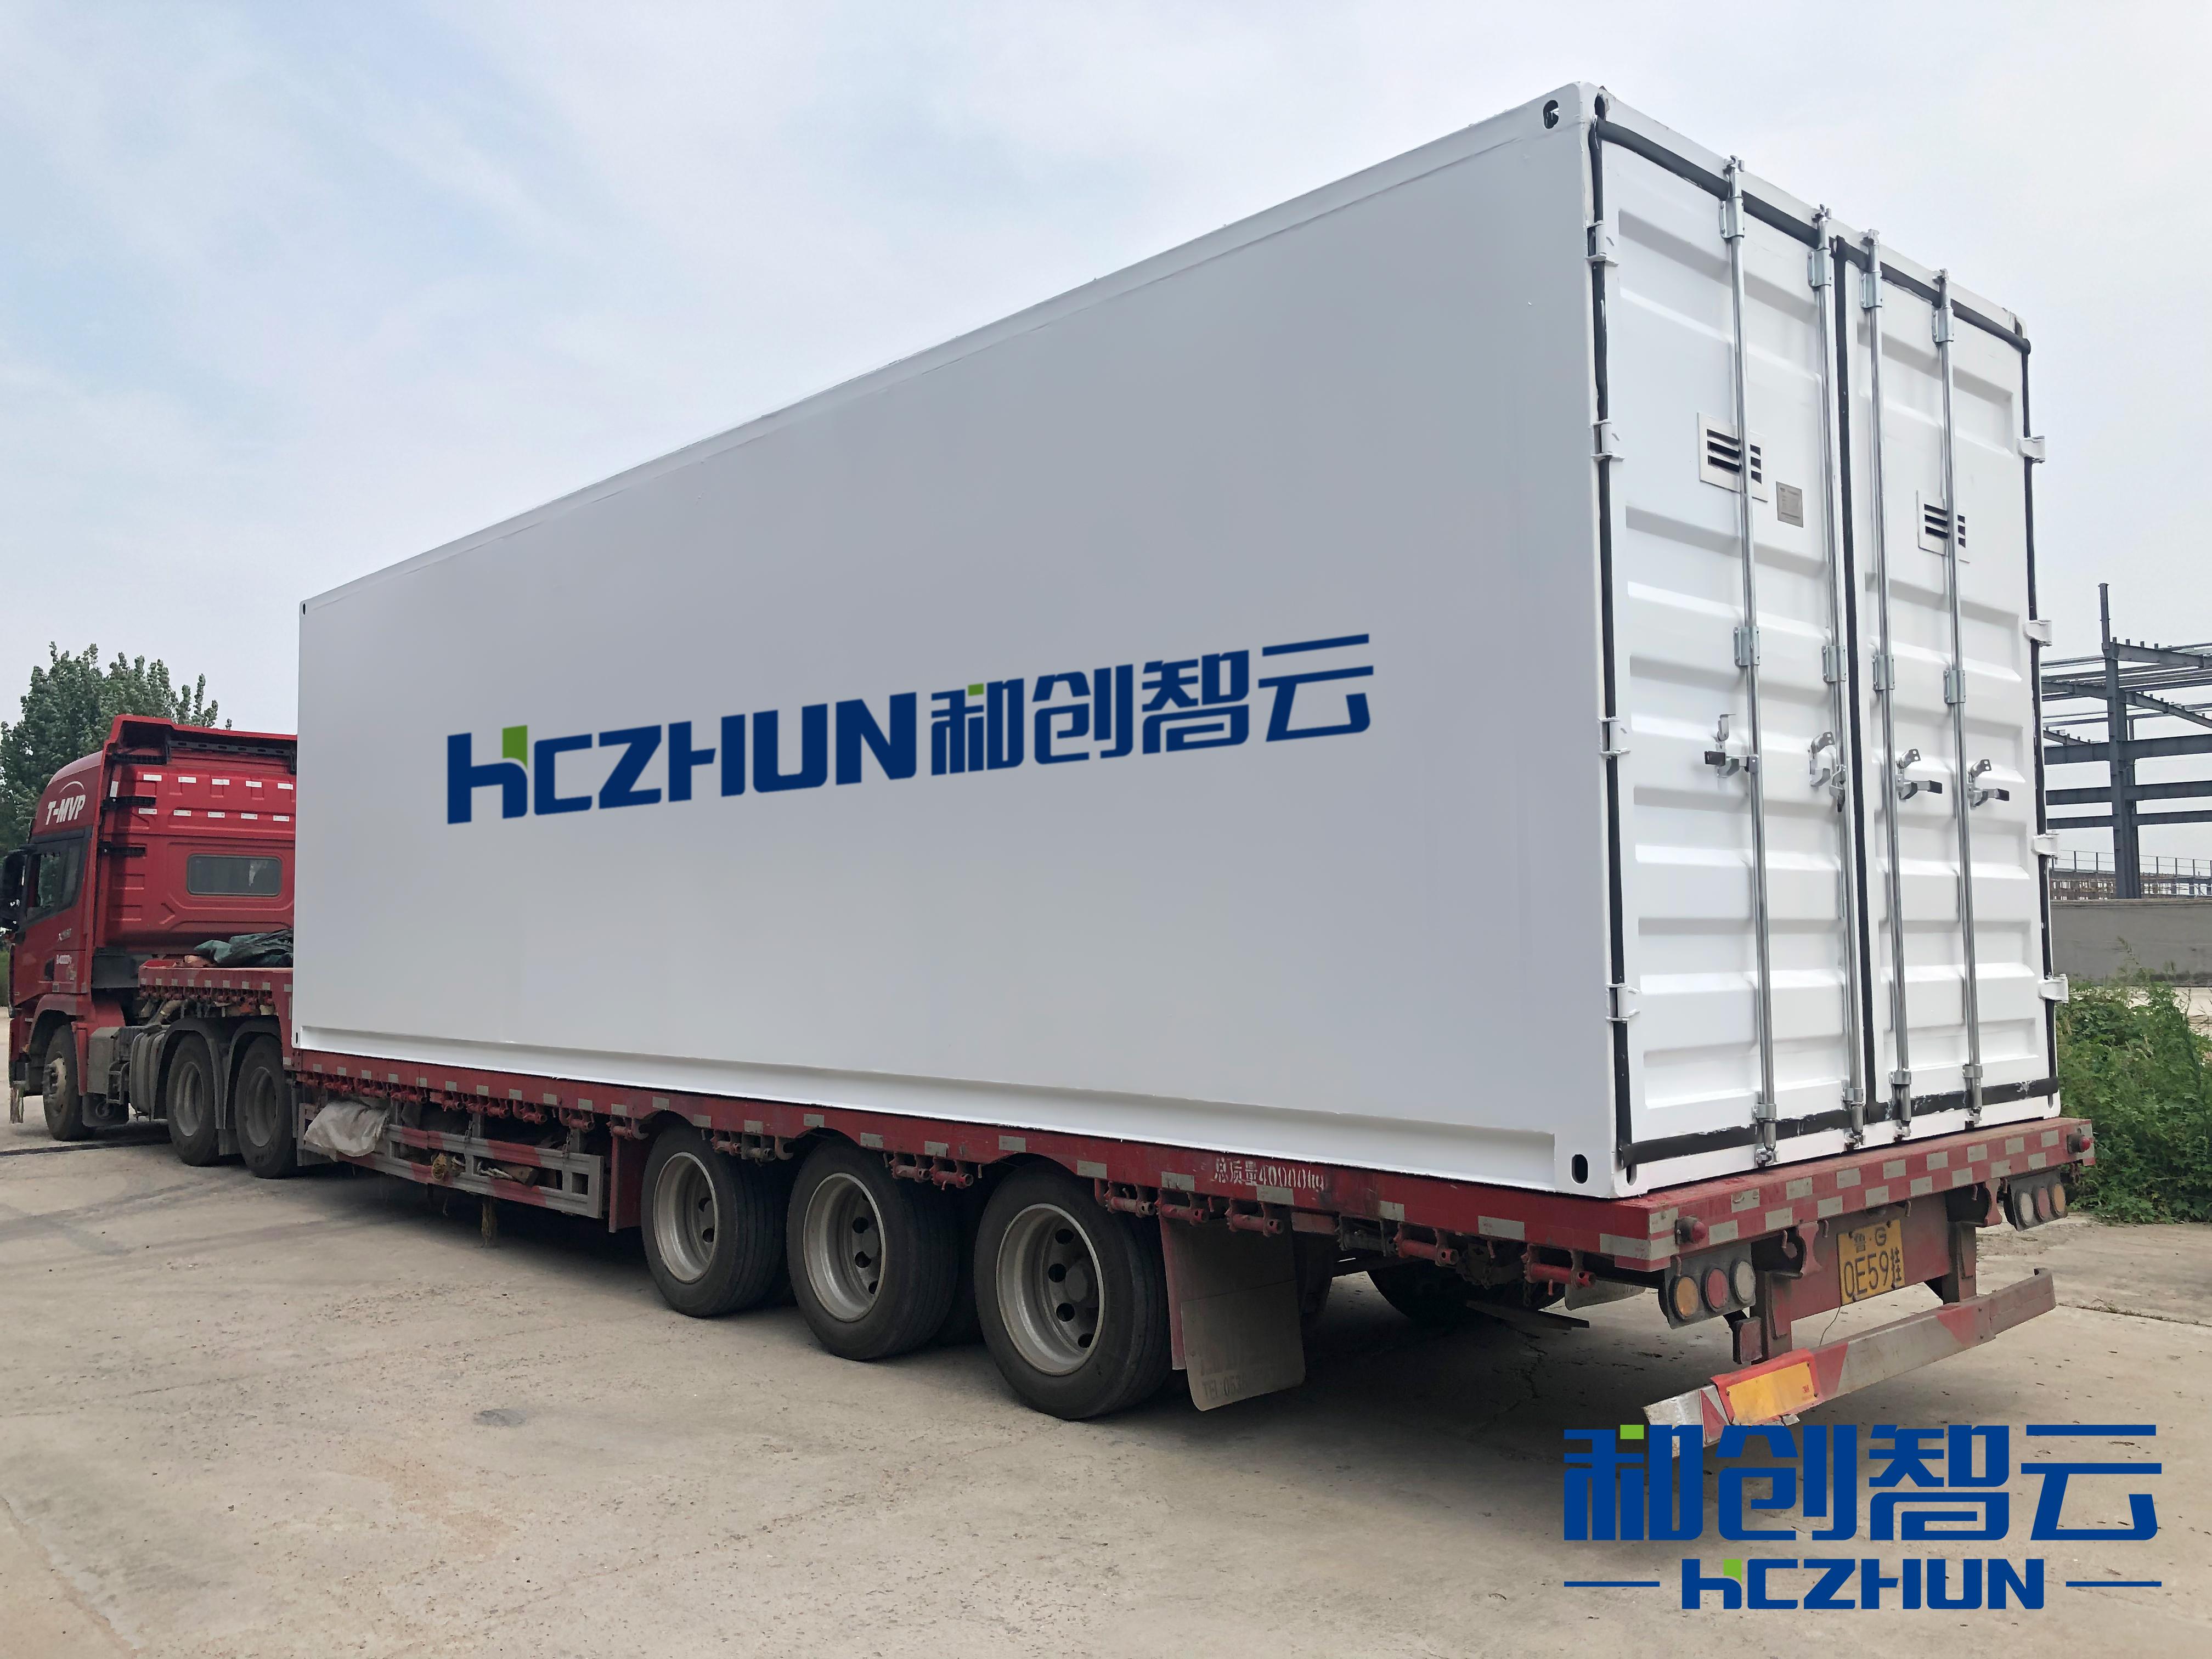 江苏省淮安市清晏园水环境治理工程的一体化磁混凝设备HCZY